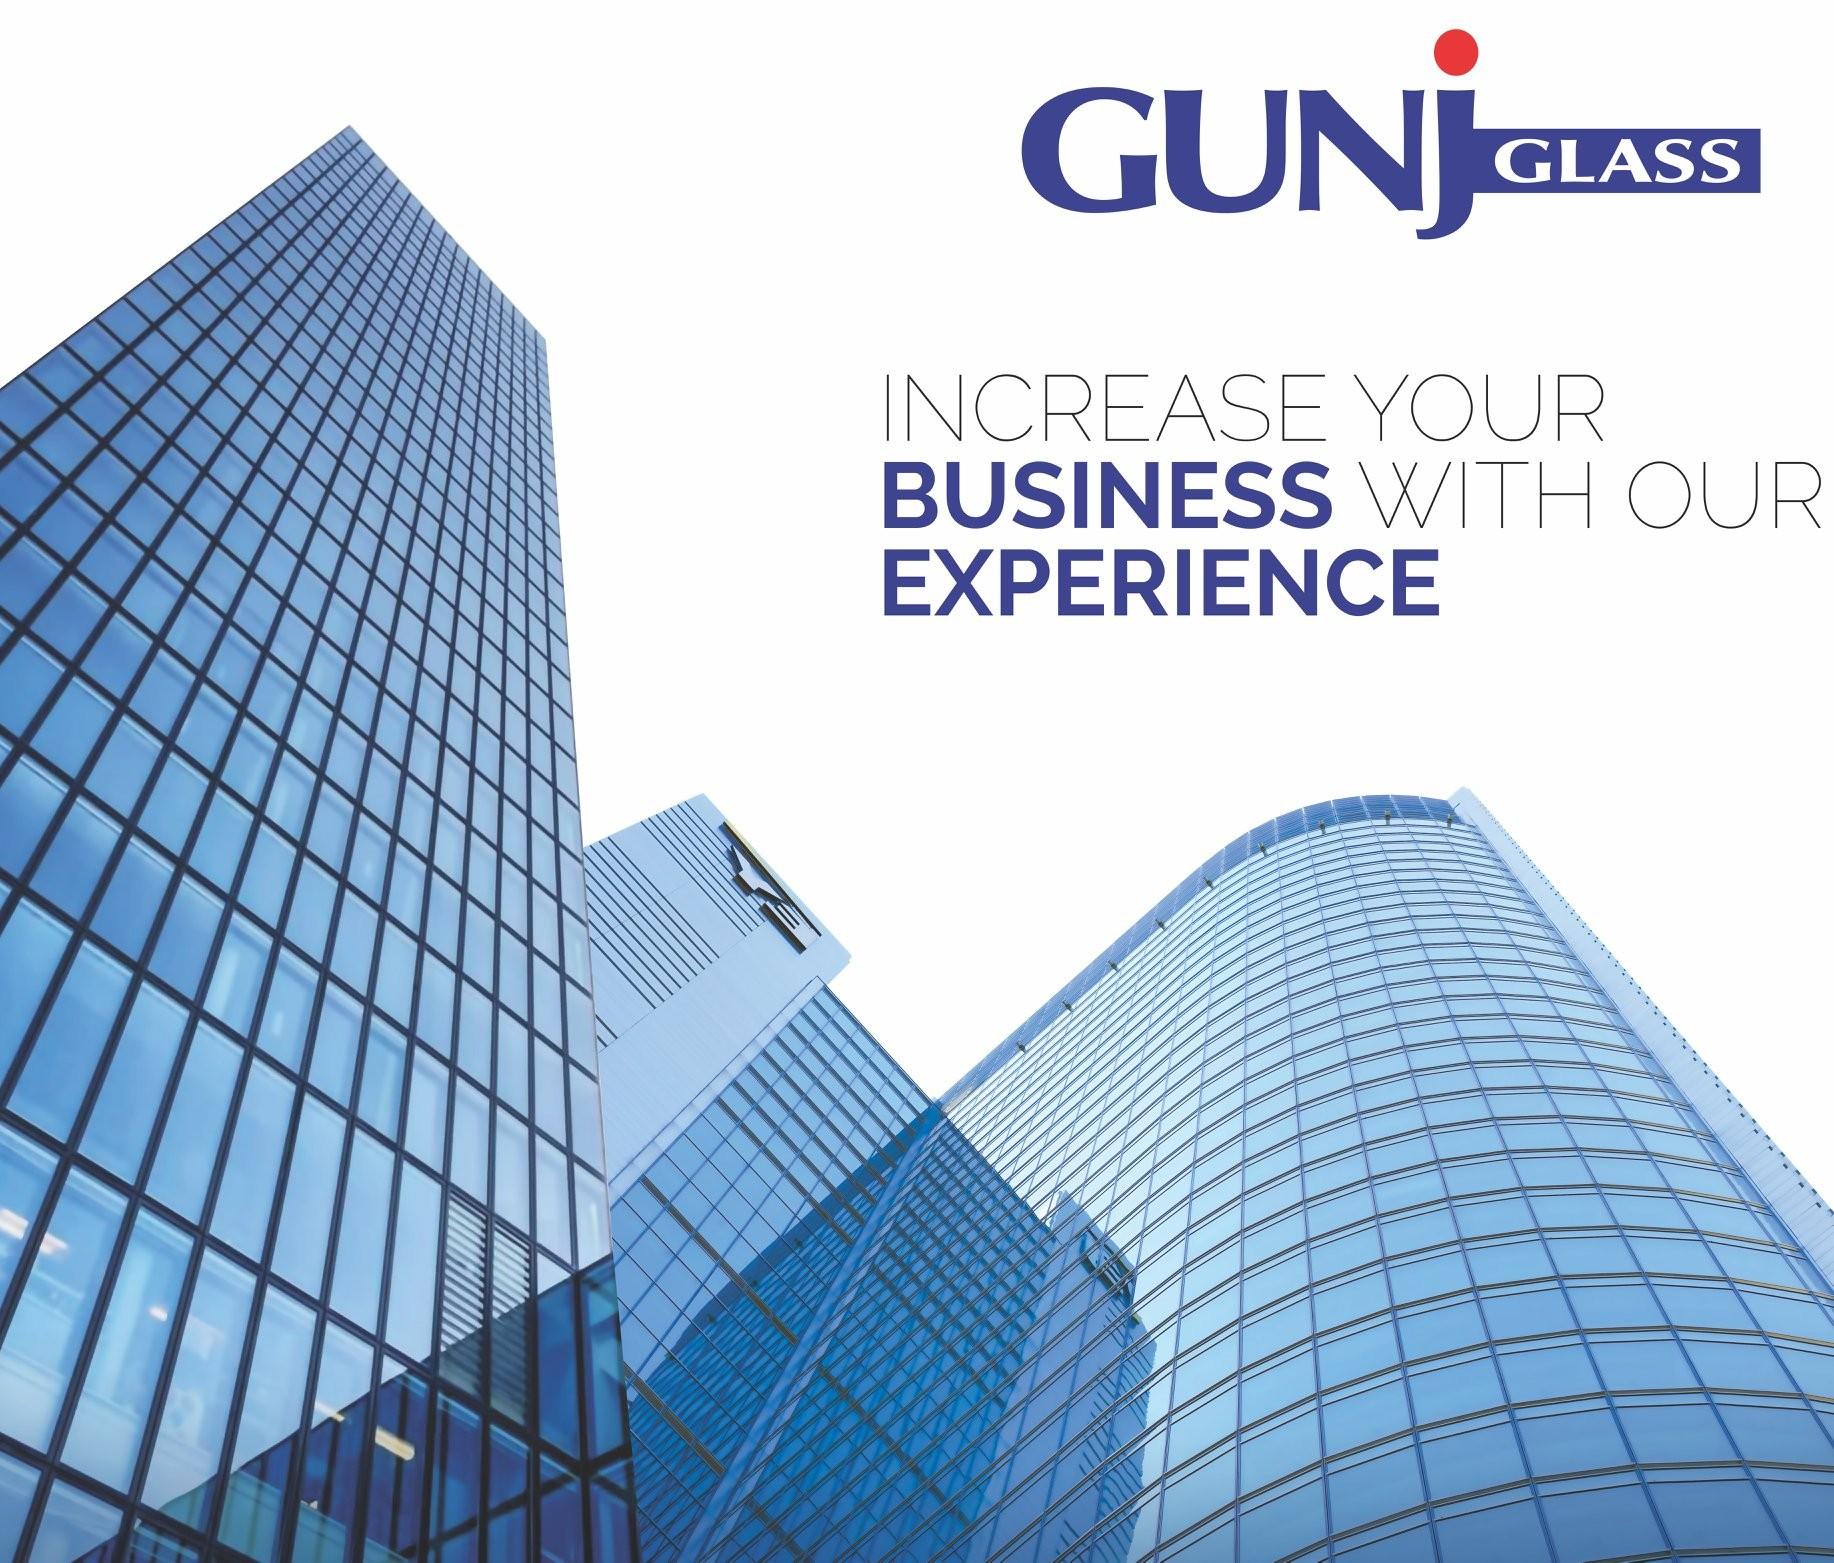 Gunj Glass Works Ltd | LinkedIn